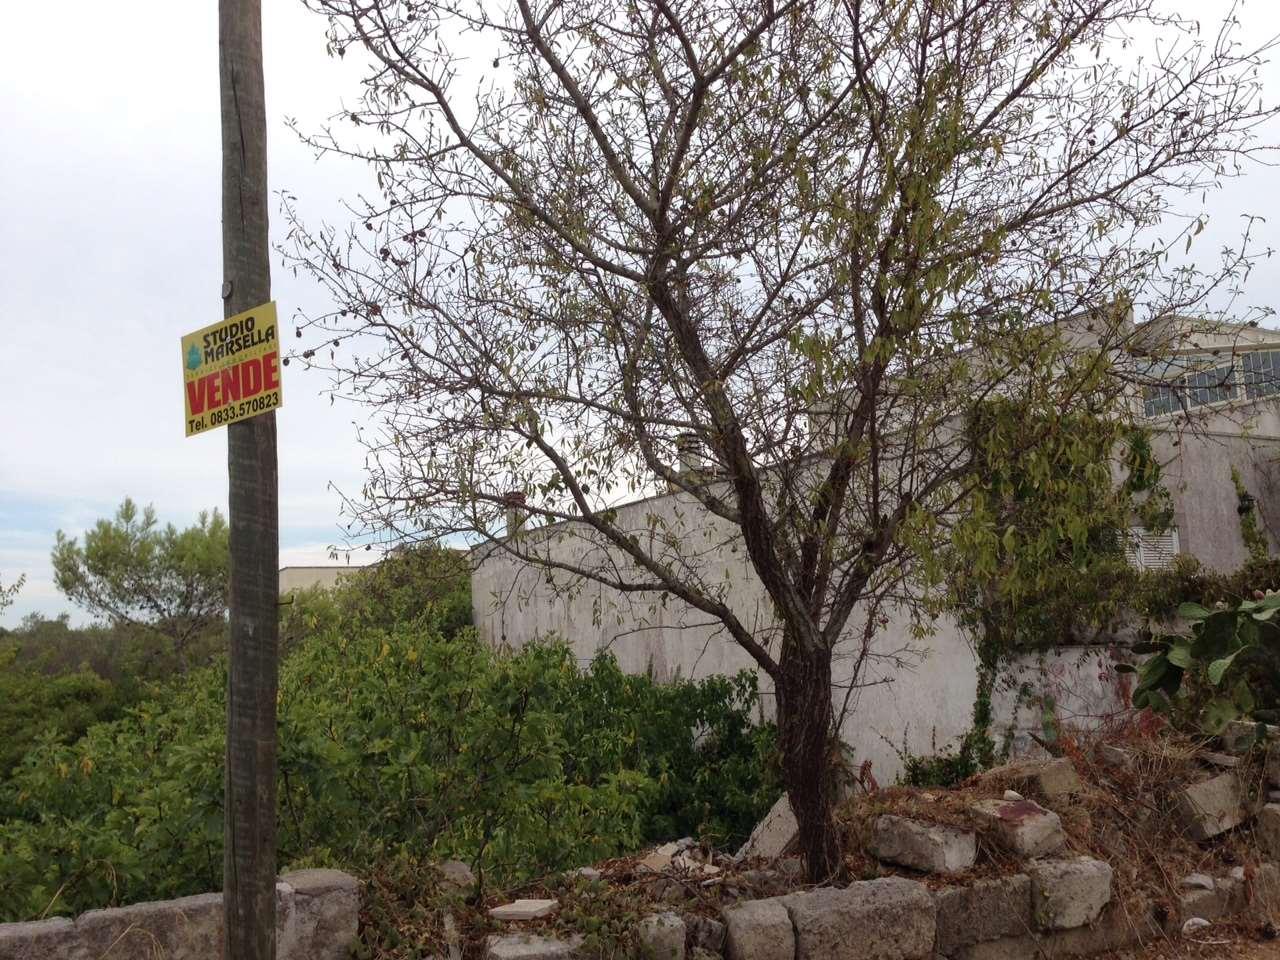 Terreno Edificabile Residenziale in vendita a Nardò, 9999 locali, zona Zona: Cenate, prezzo € 40.000 | Cambio Casa.it